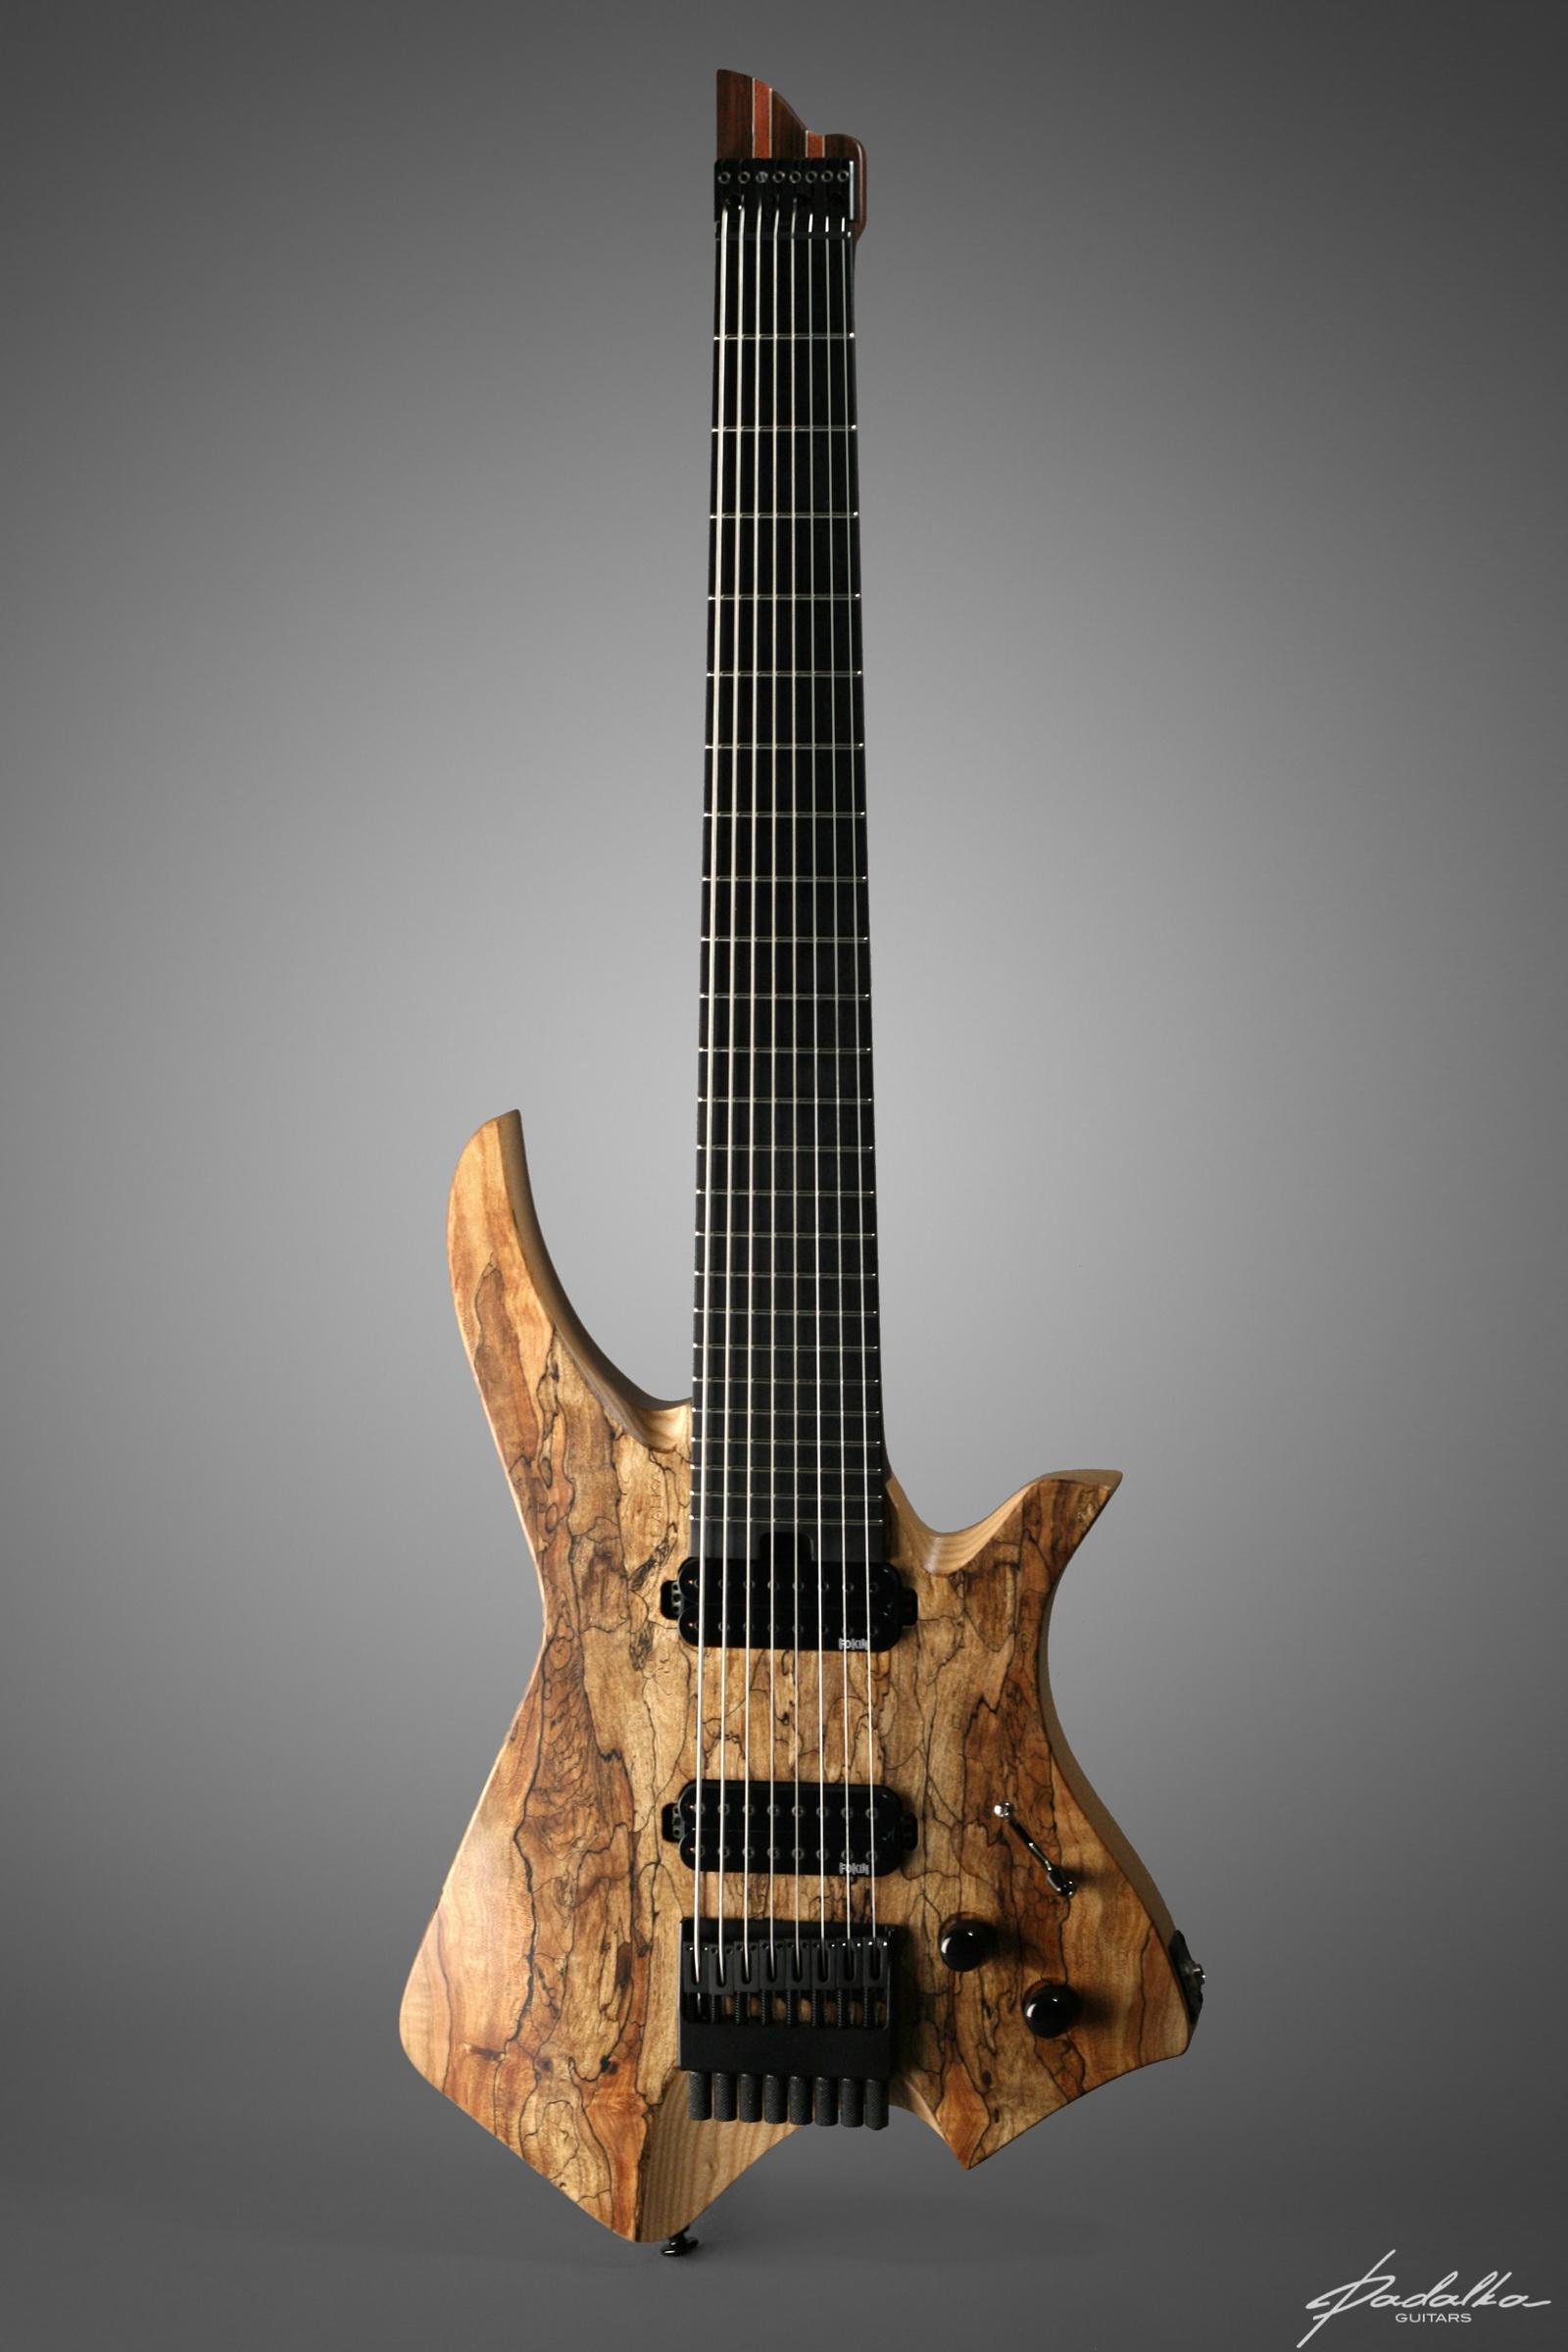 Neptune Gallery Padalka Guitars